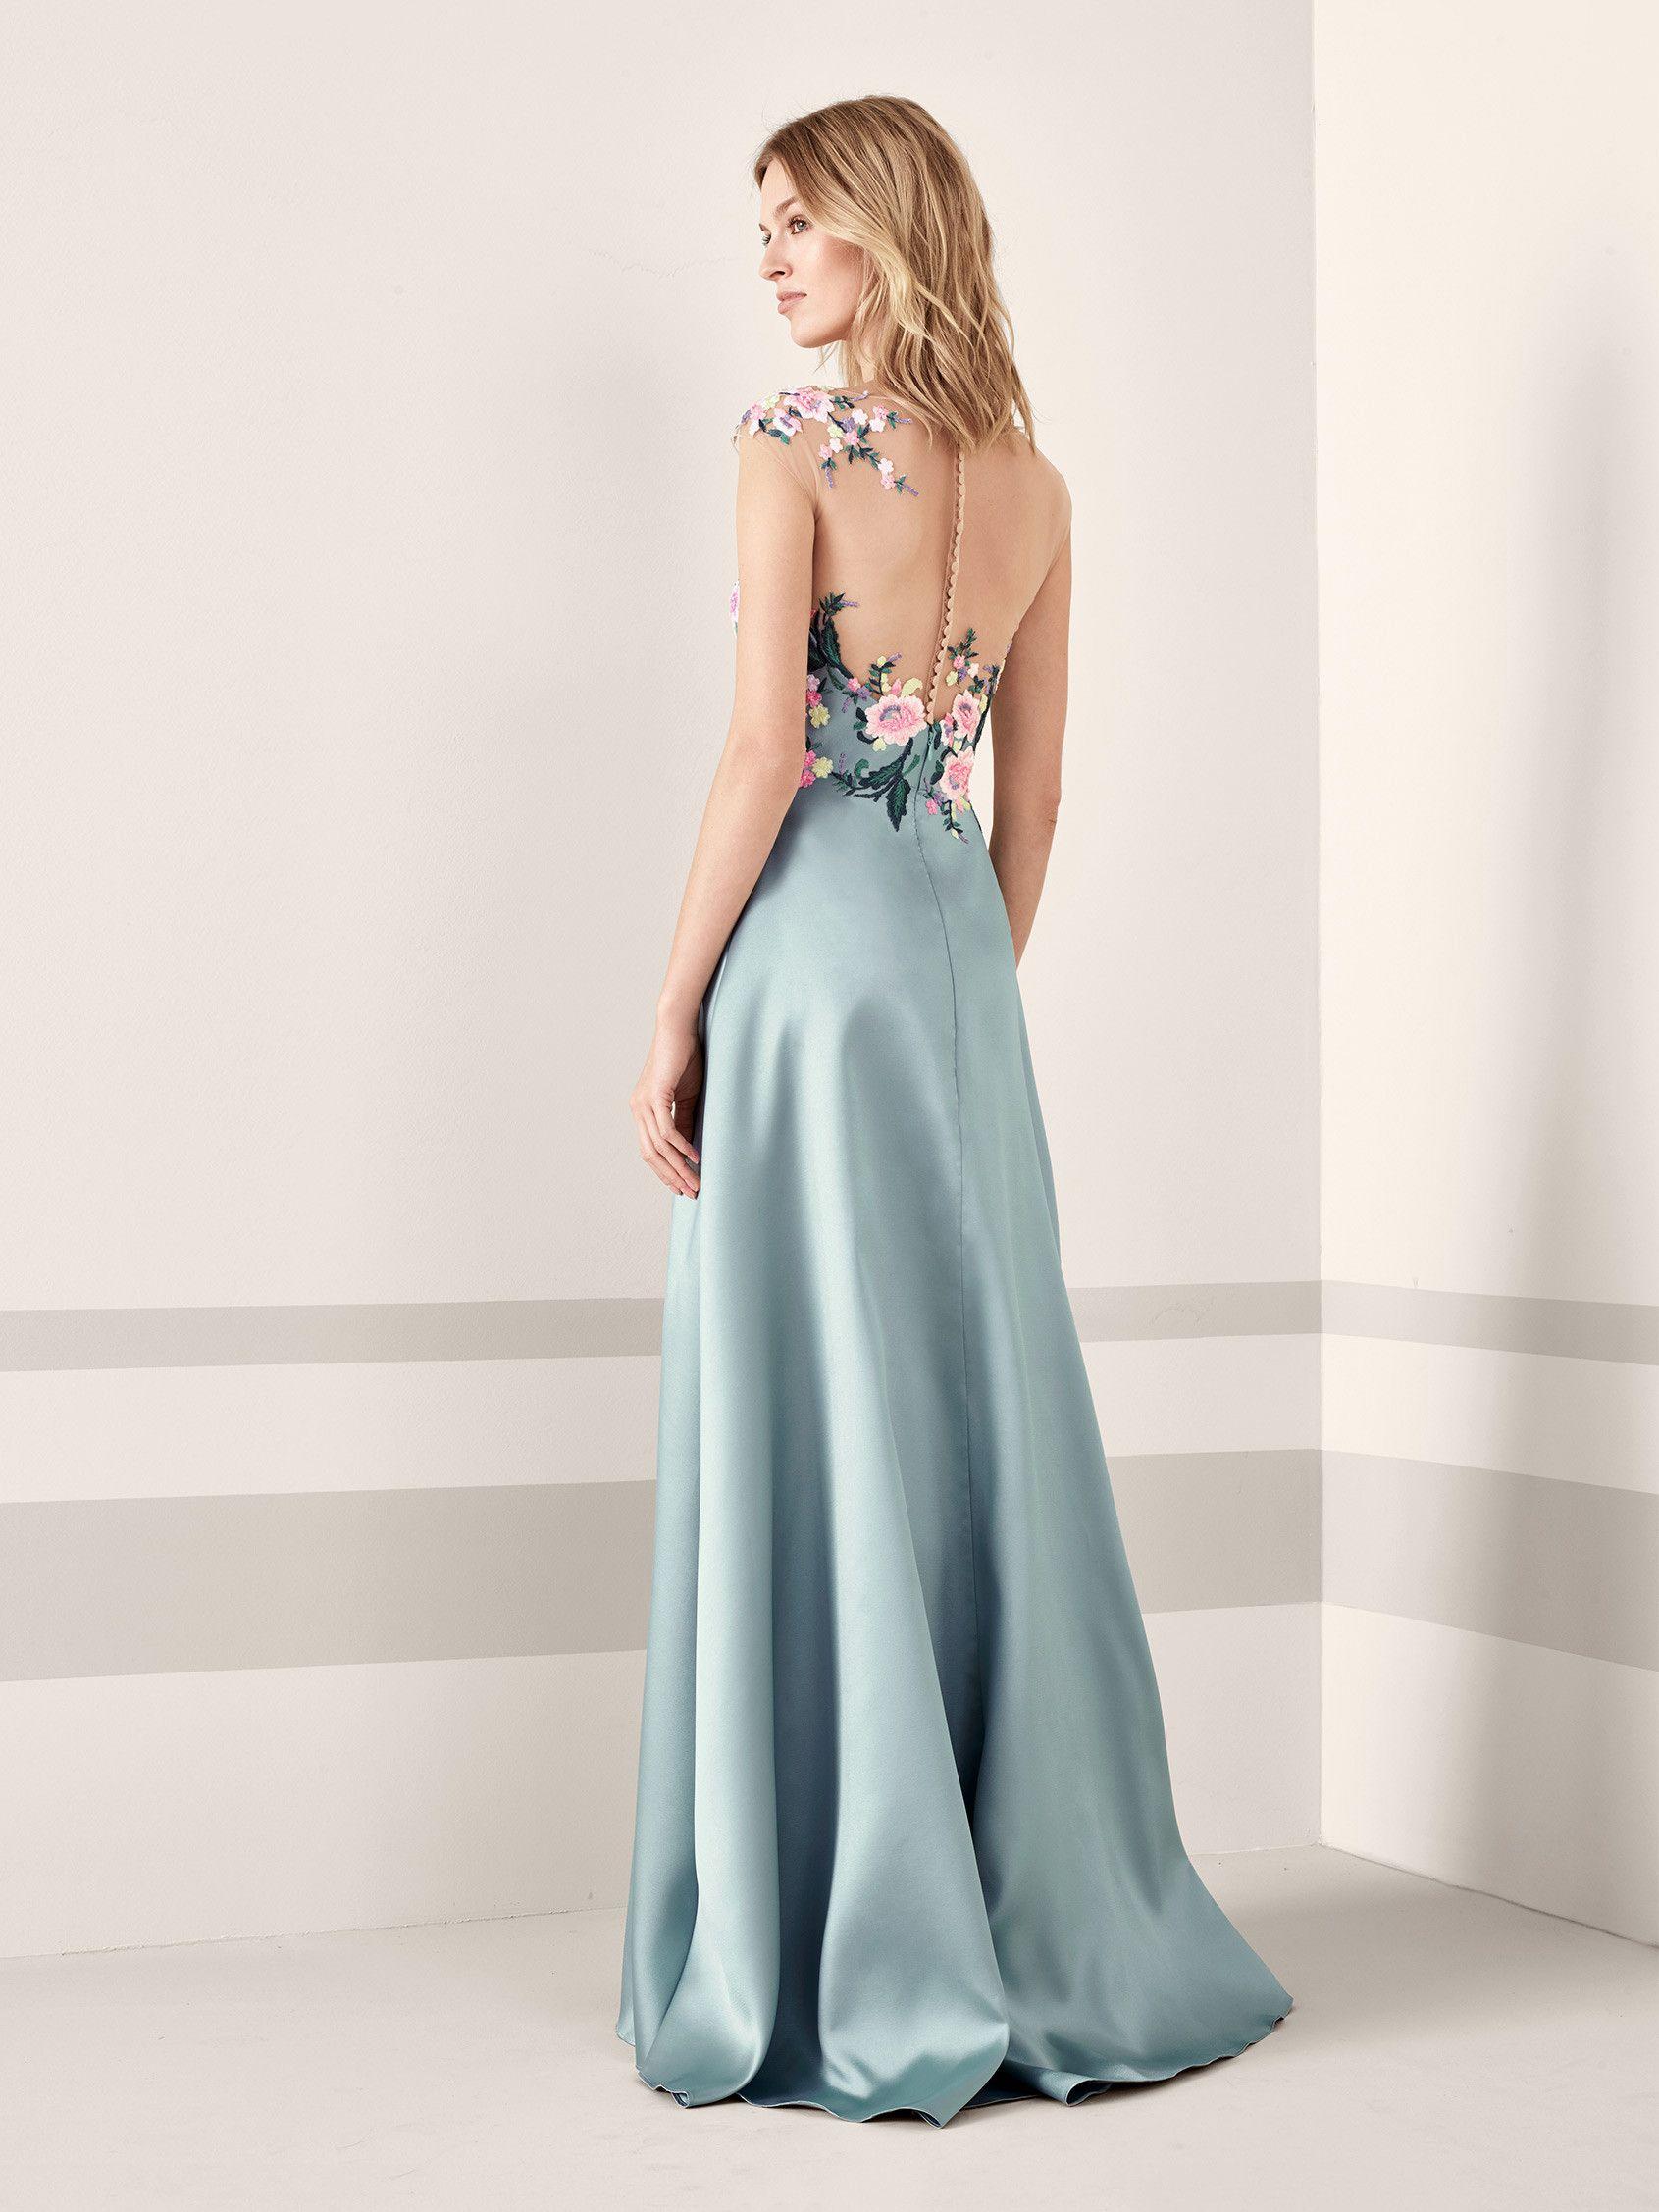 Vestido de fiesta con estampado de flores JANIRA | Pronovias | Marta ...